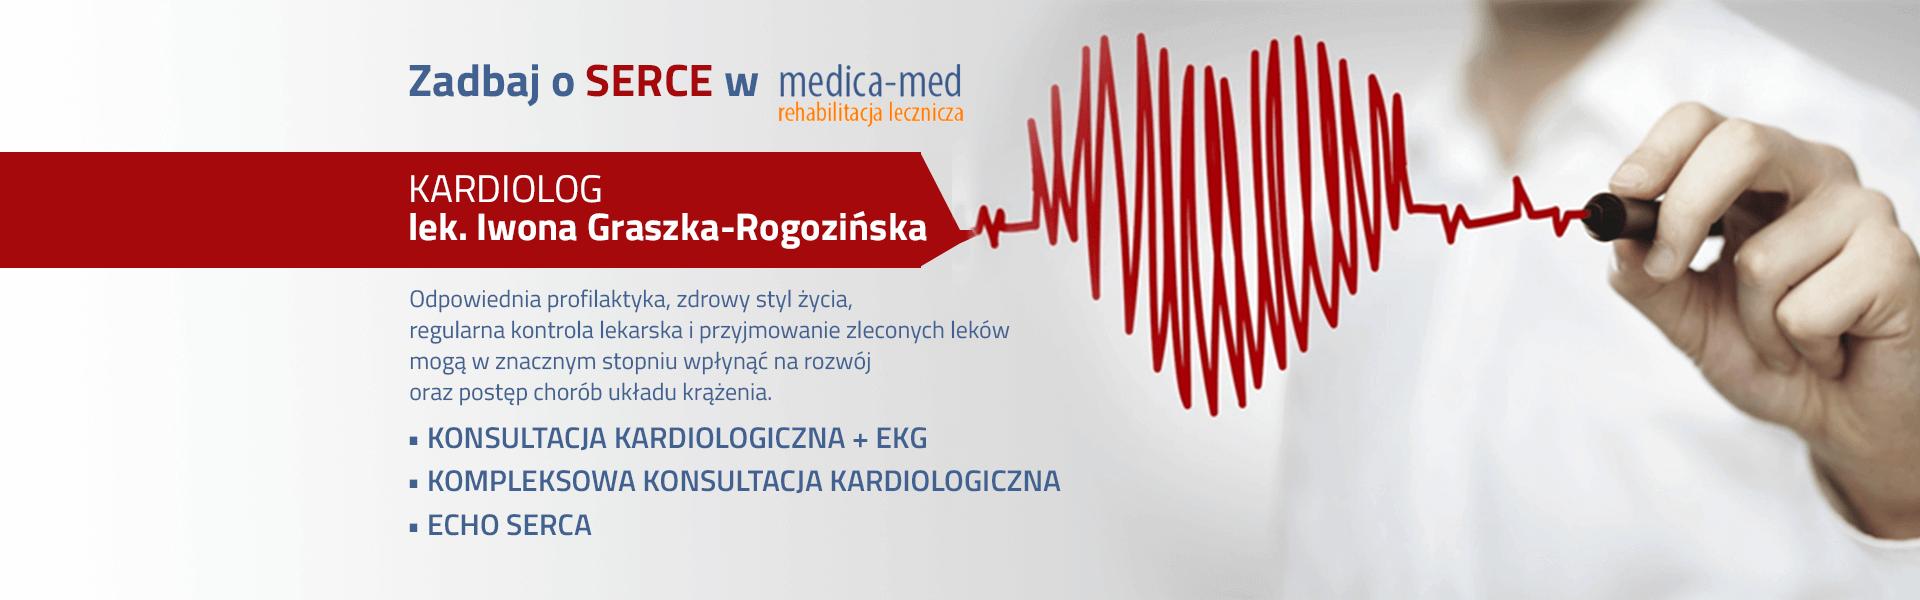 Medicamed Zadbaj o SERCE w Medica-Med slider (1)